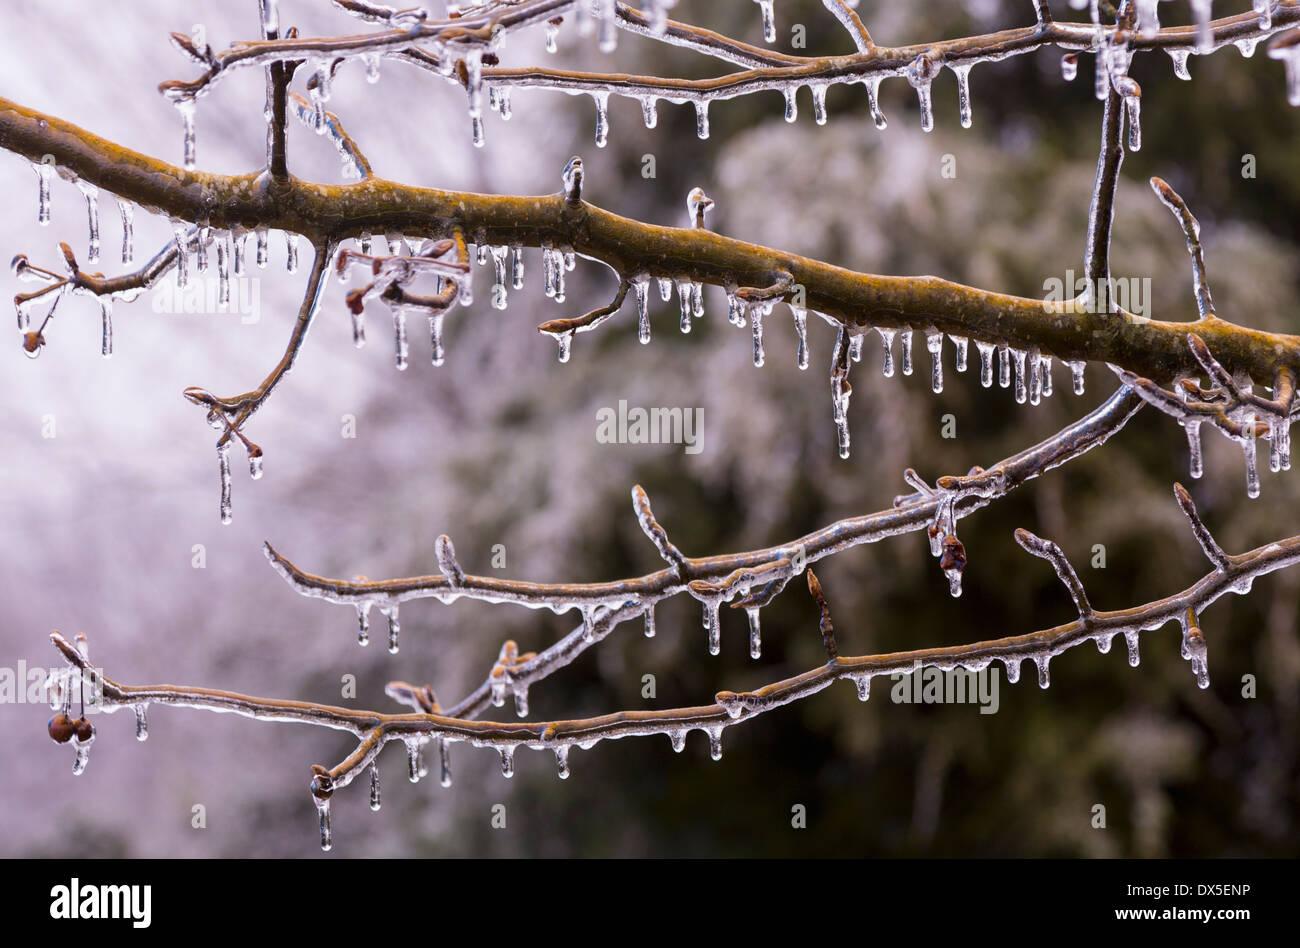 Ghiaccioli su di un ramo di albero in inverno come si inizia a sgelare Immagini Stock